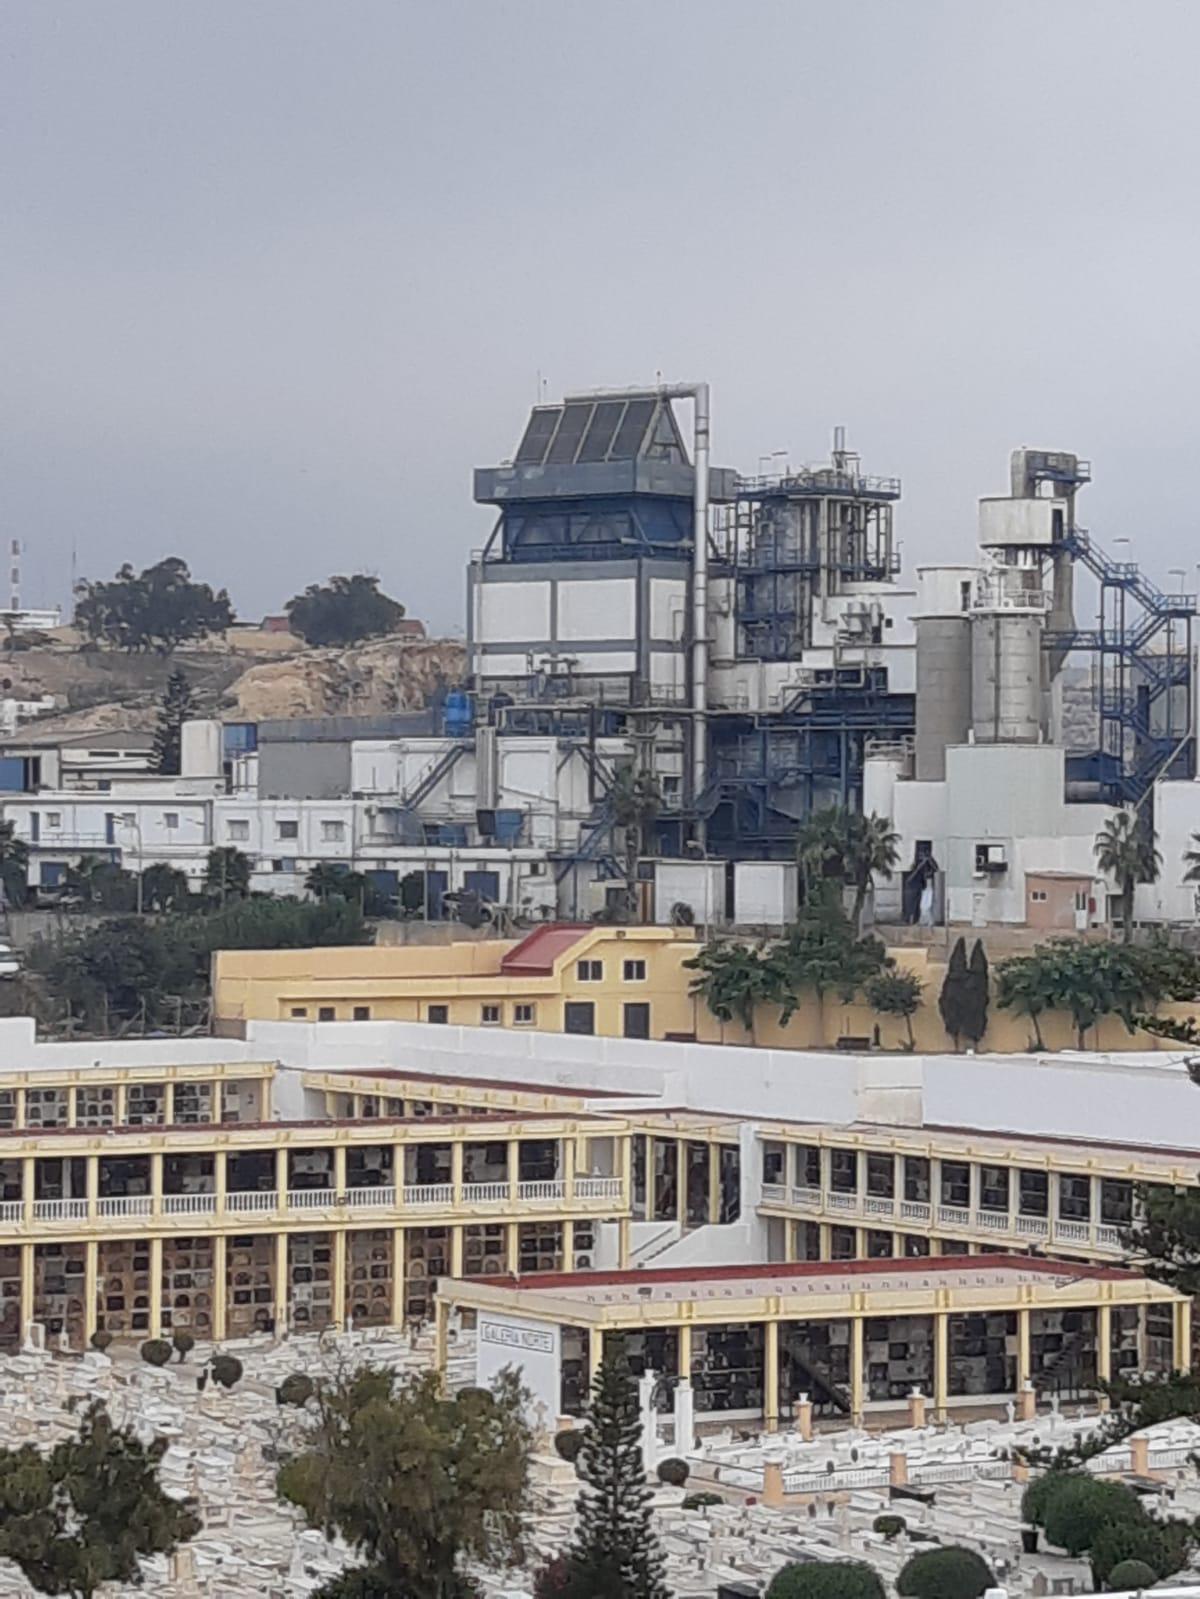 negros nubarrones corren sobre la incineradora de Melilla